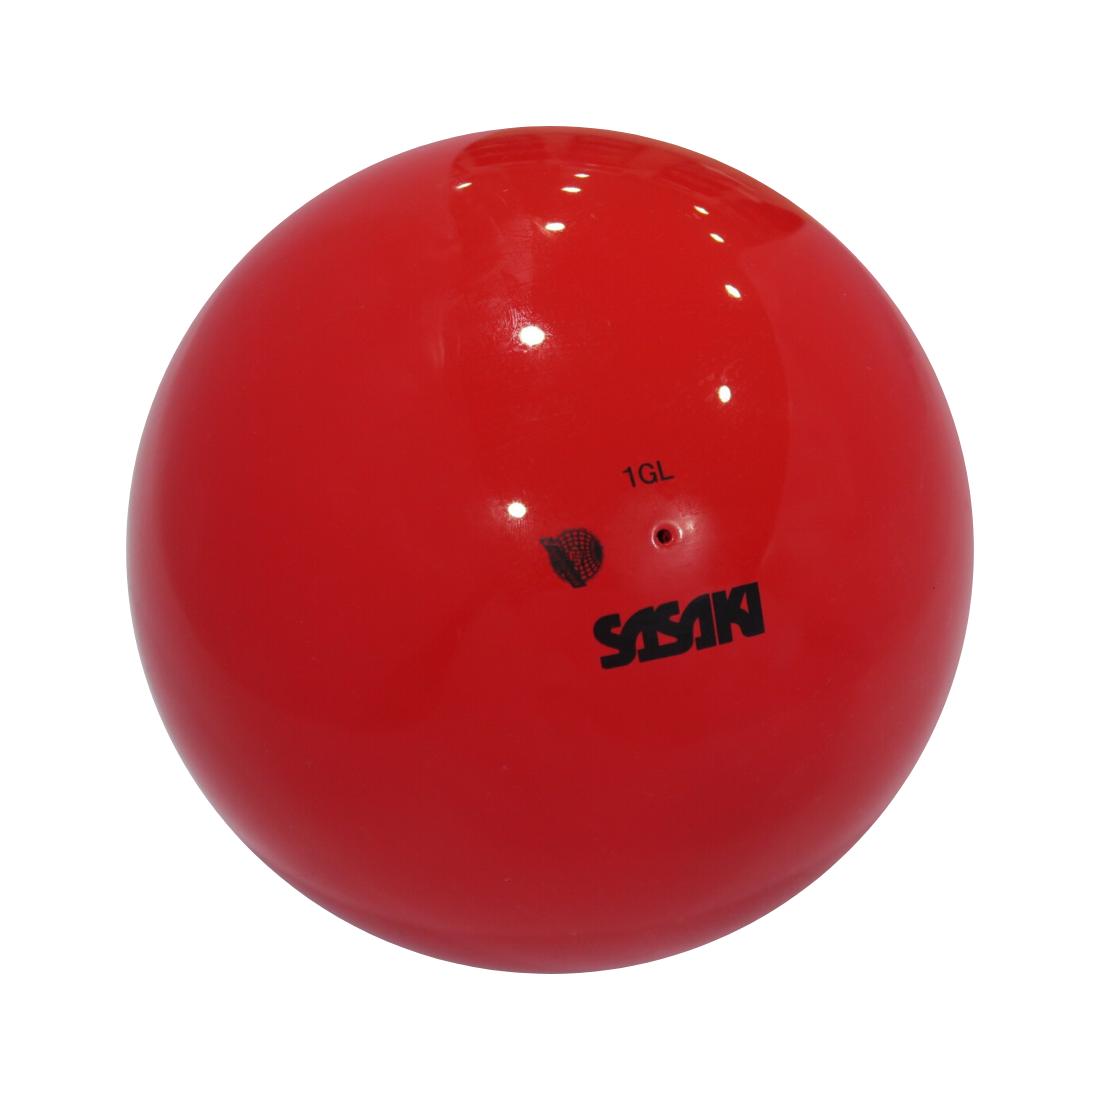 Мяч SASAKI M-20C 15 cm. - r-krasnyj - 15